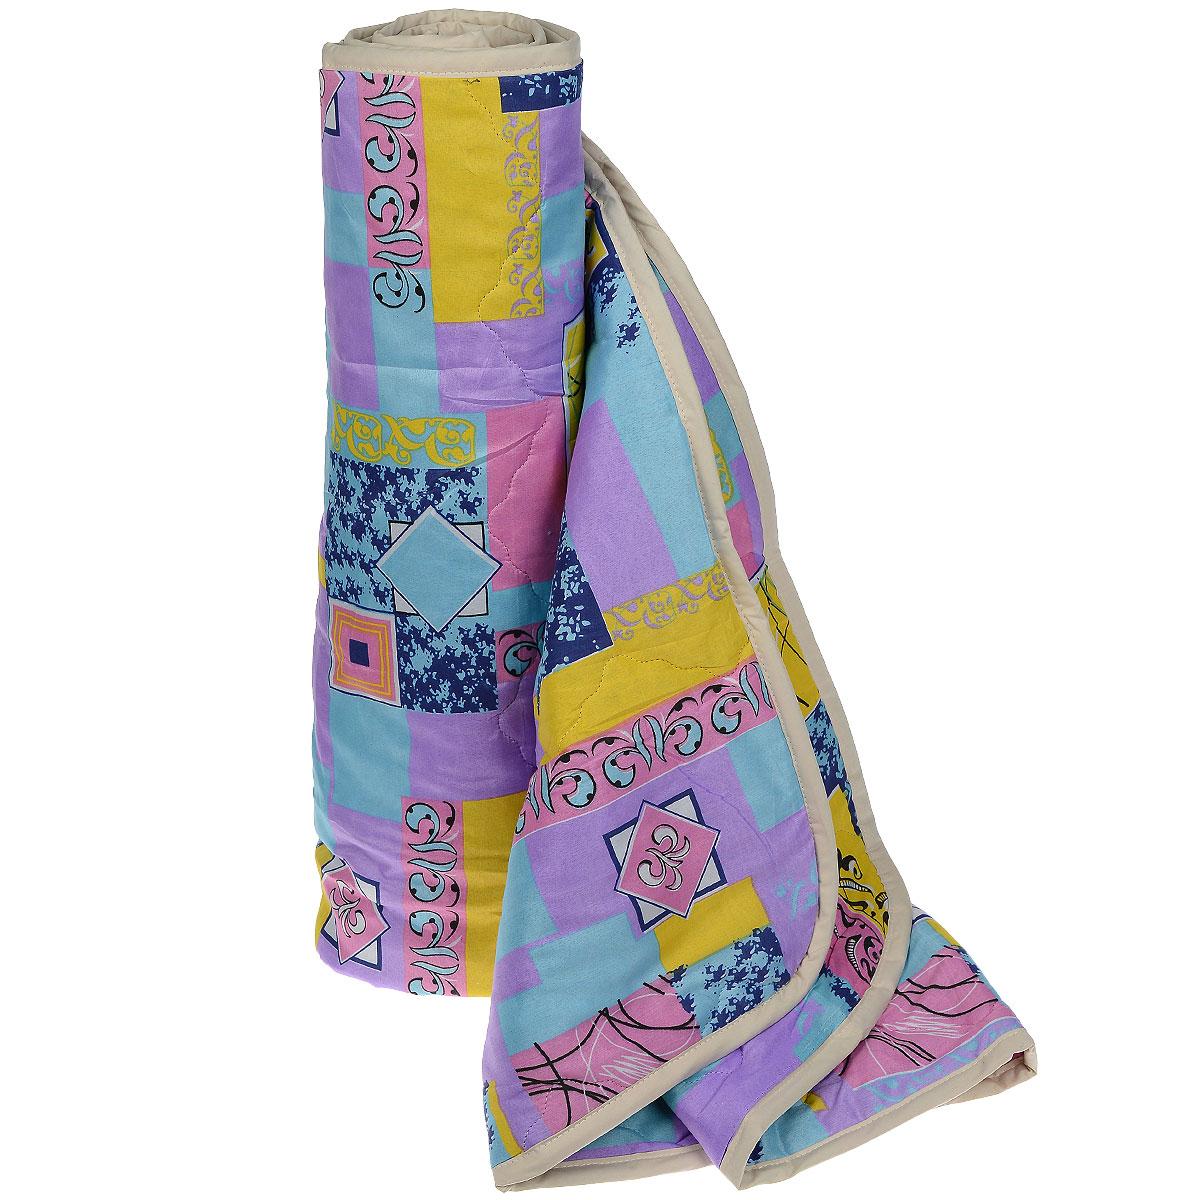 Одеяло всесезонное OL-Tex Miotex, наполнитель: полиэфирное волокно Holfiteks, цвет: сиреневый, розовый, желтый, 140 х 205 см МХПЭ-15-3МХПЭ-15-3_сиреневый, розовый, желтыйВсесезонное одеяло OL-Tex Miotex создаст комфорт и уют во время сна. Стеганый чехол выполнен из полиэстера и оформлен красочным рисунком. Внутри - современный наполнитель из полиэфирного высокосиликонизированного волокна Holfiteks, упругий и качественный. Холфитекс - современный экологически чистый синтетический материал, изготовленный по новейшим технологиям. Его уникальность заключается в расположении волокон, которые позволяют моментально восстанавливать форму и сохранять ее долгое время. Изделия с использованием Холфитекса очень удобны в эксплуатации - их можно часто стирать без потери потребительских свойств, они быстро высыхают, не впитывают запахов и совершенно гиппоаллергенны. Холфитекс также обеспечивает хорошую терморегуляцию, поэтому изделия с наполнителем из холфитекса очень комфортны в использовании. Одеяло с современным упругим наполнителем Холфитекс порадует вас в любое время года. Оно комфортно согревает и создает отличный микроклимат. За одеялом легко...